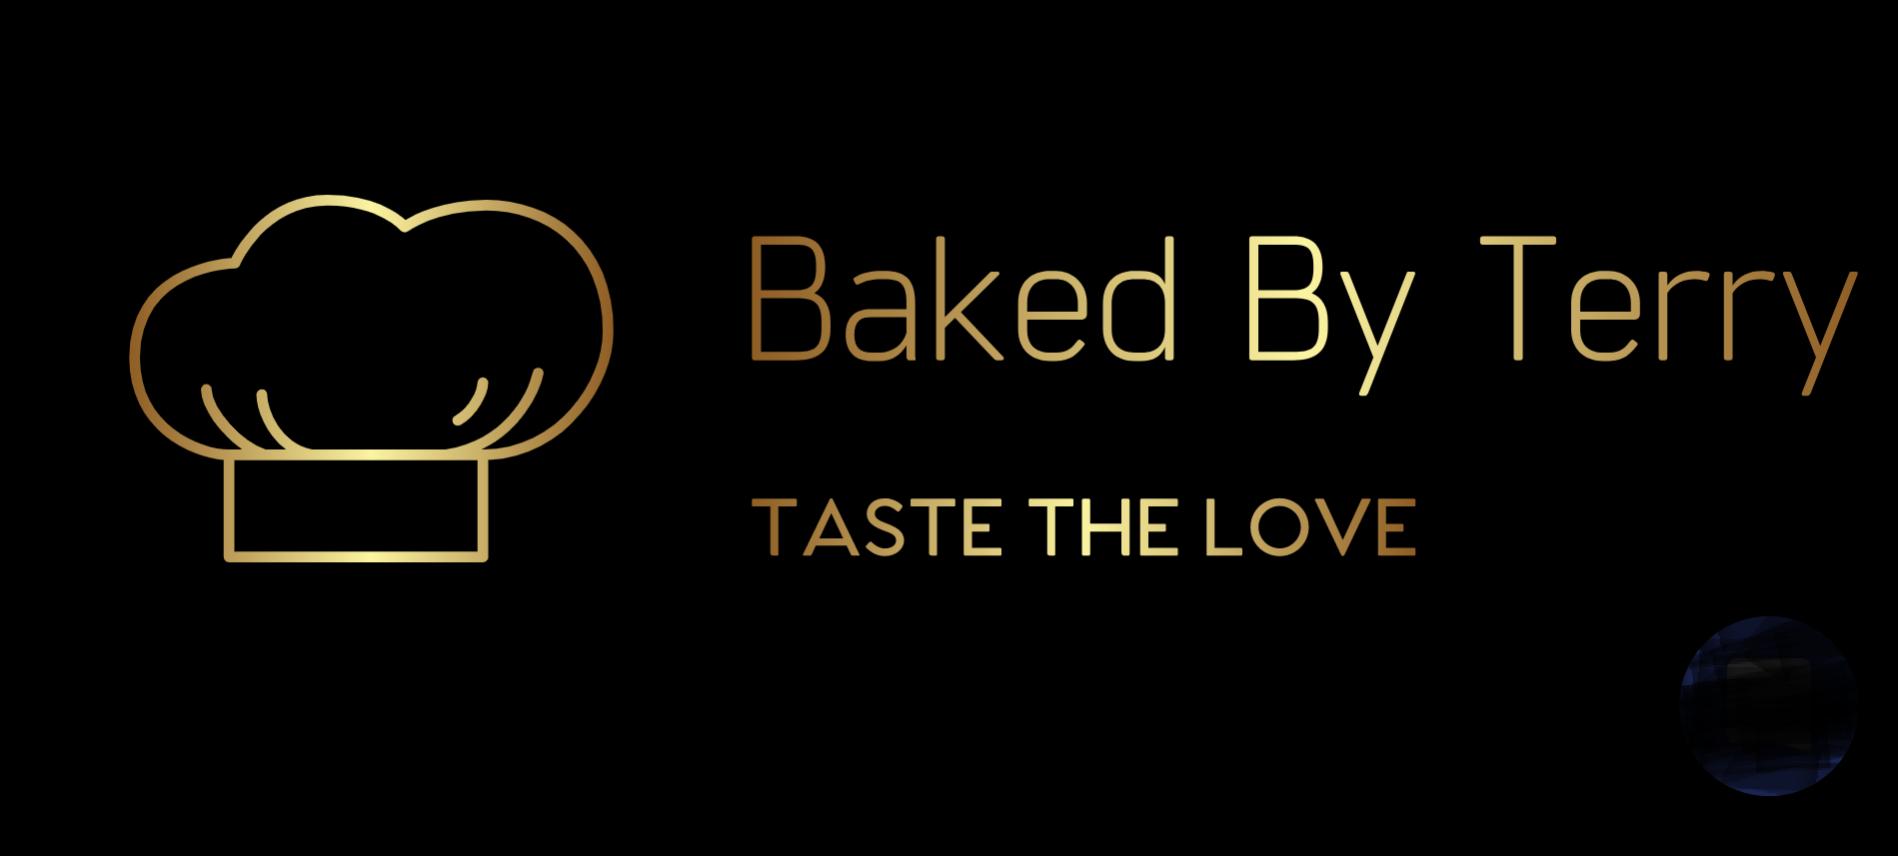 bbt logo 1